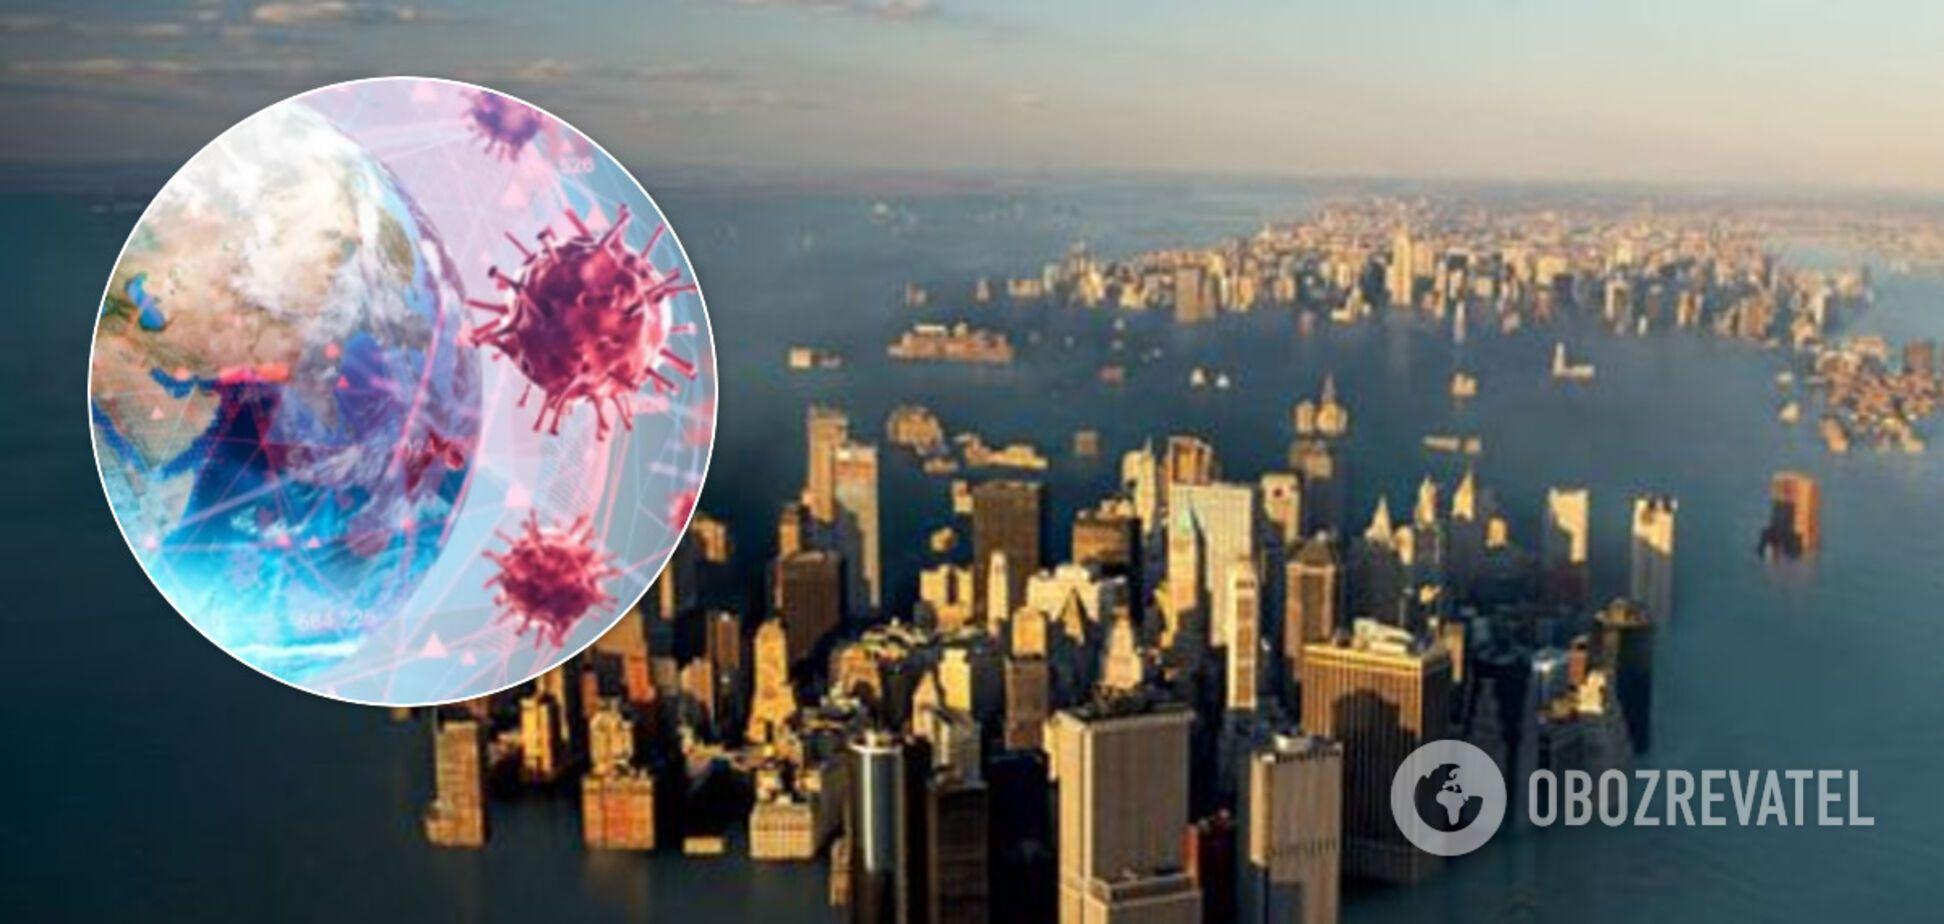 Обнаружен новый способ передачи коронавируса: под угрозой целые города